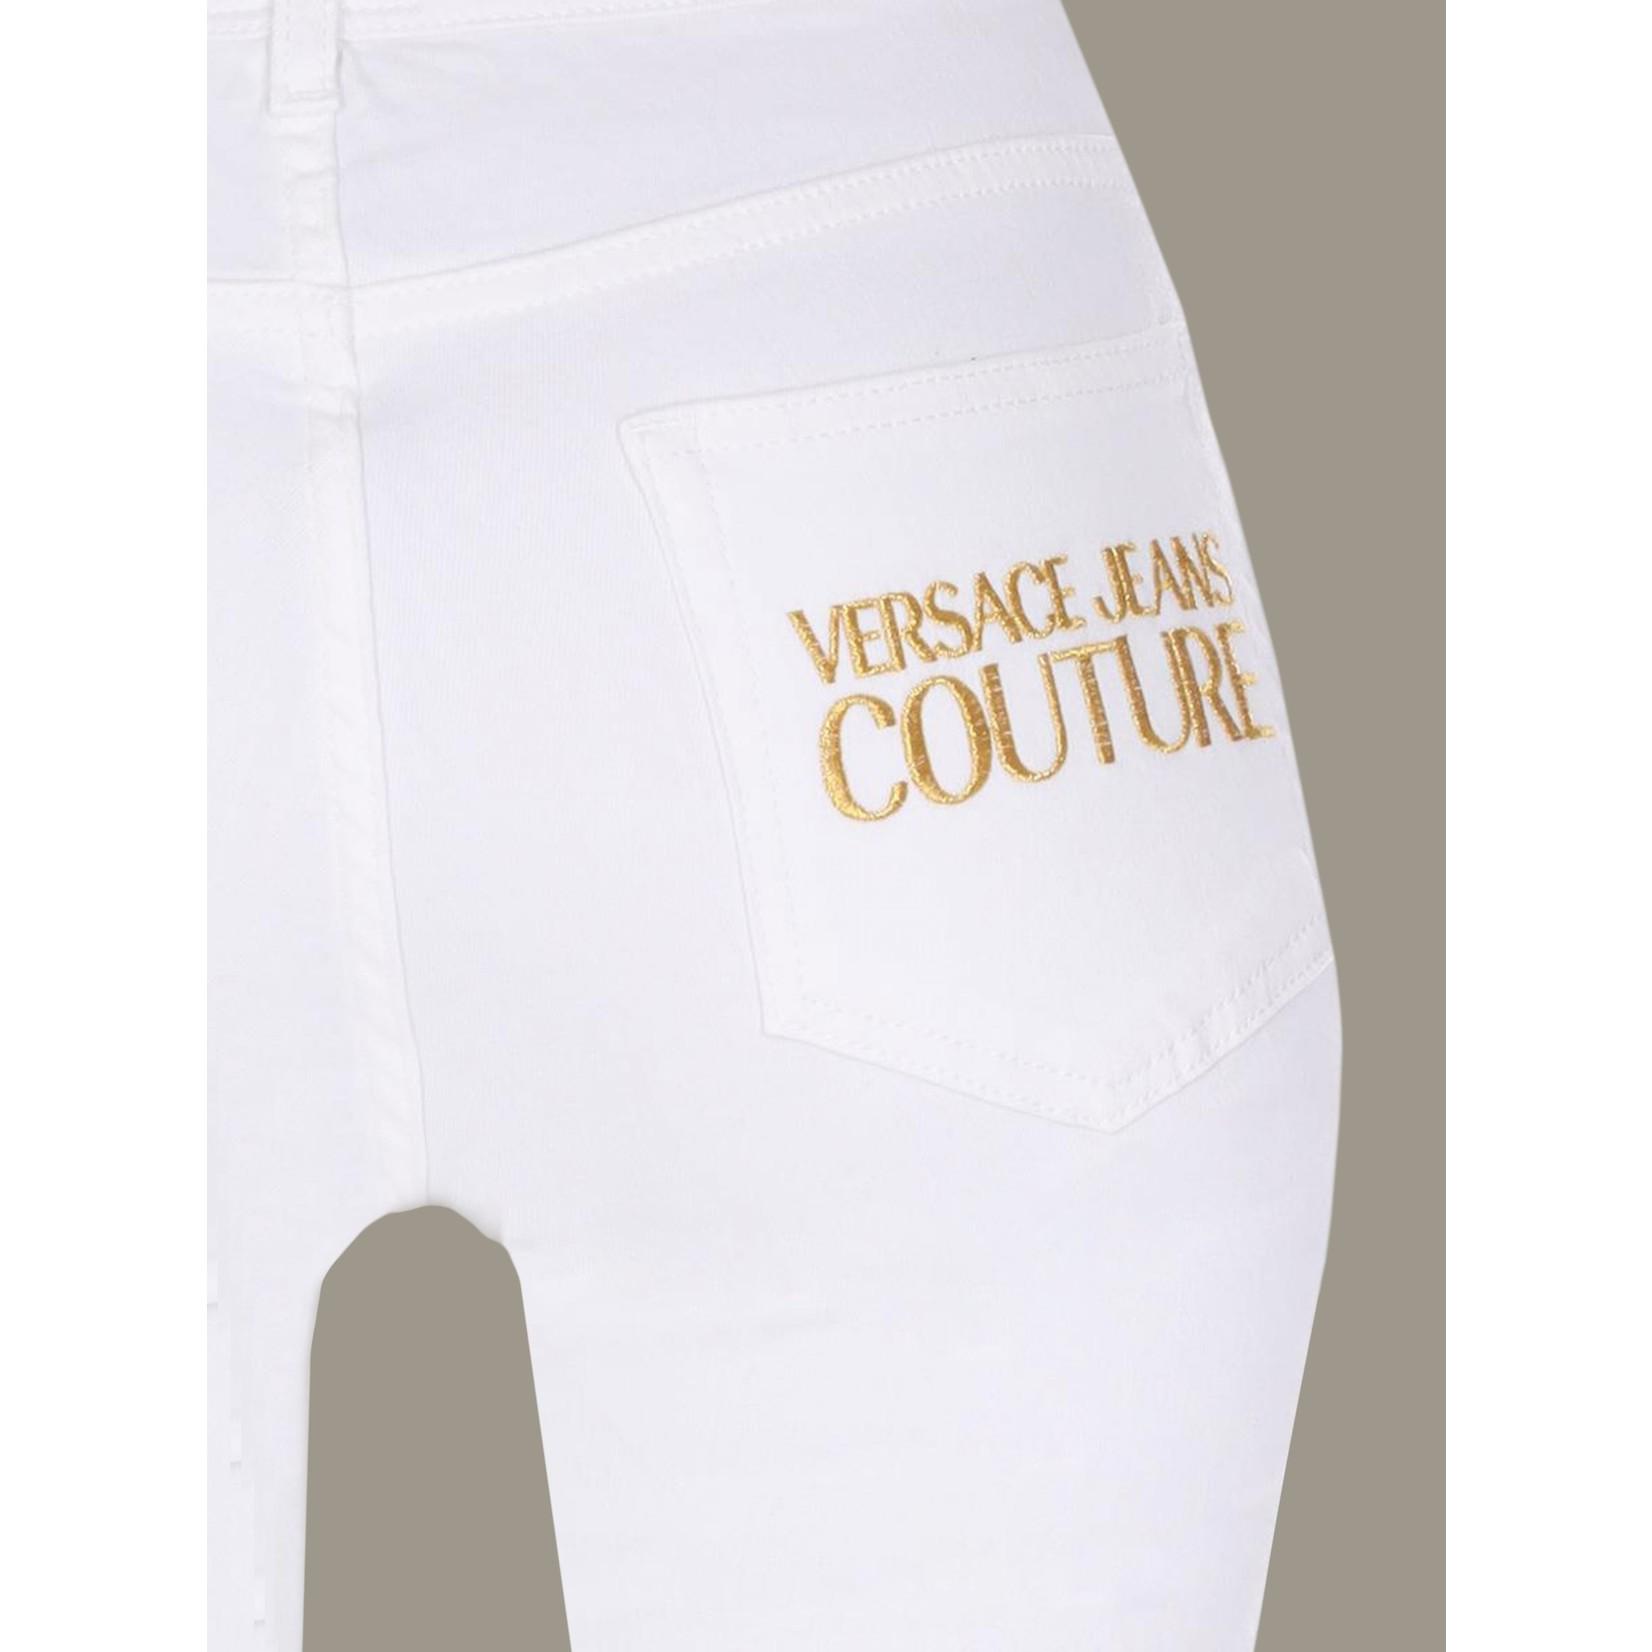 VERSACE JEANS COUTURE VERSACE JEANS COUTURE PANTS A1HVA0K46 - WHITE